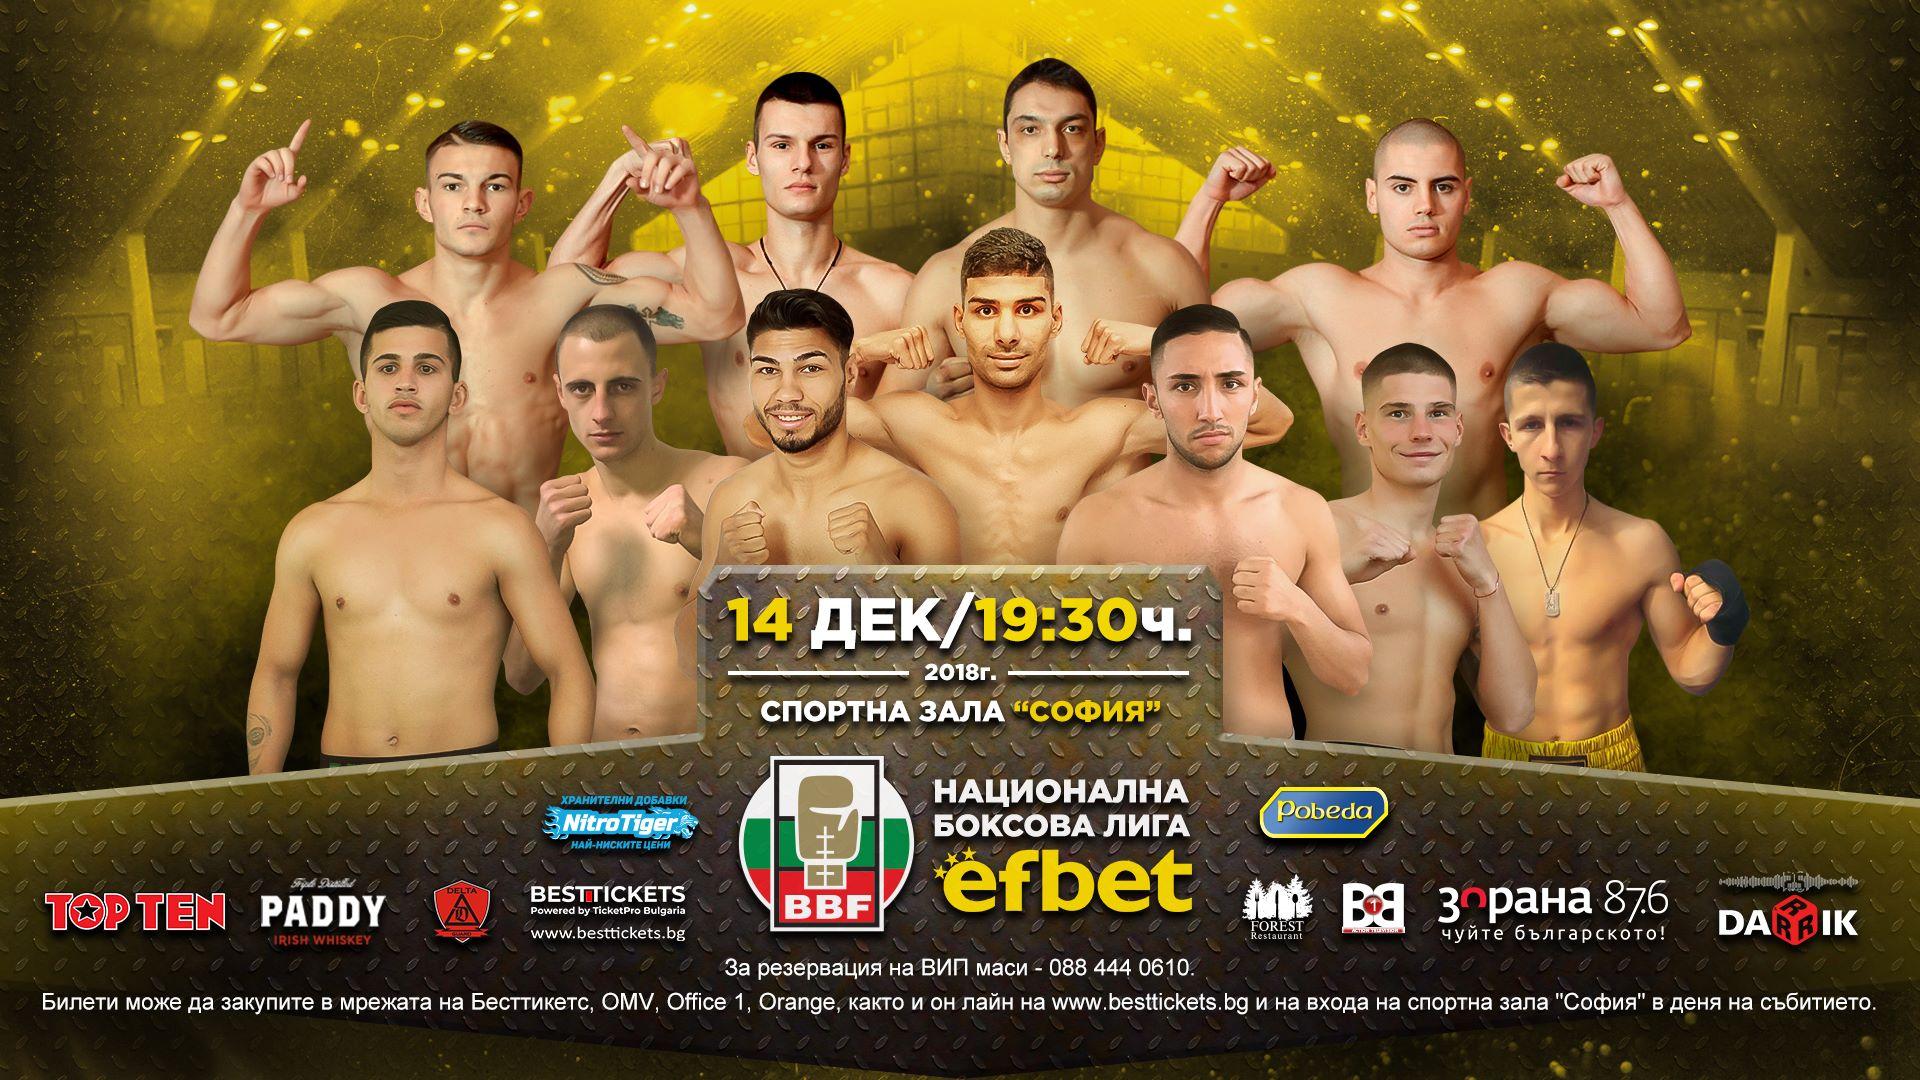 Националната боксова лига се завръща на 14 декември